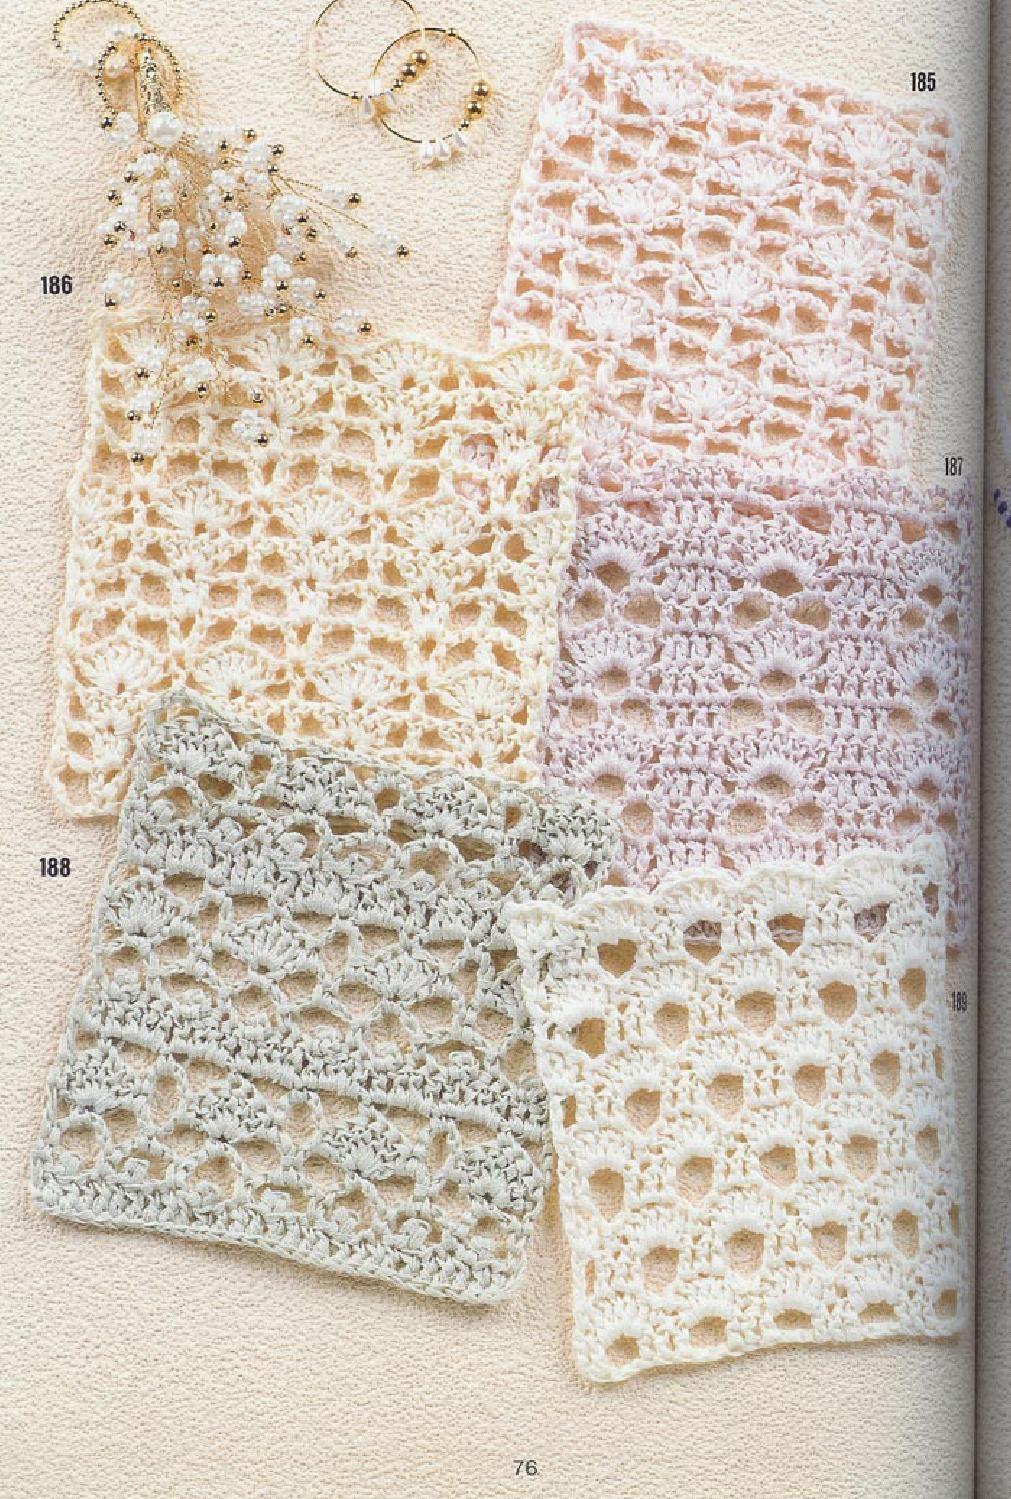 262 patrones crochet   Suéteres y Tejido